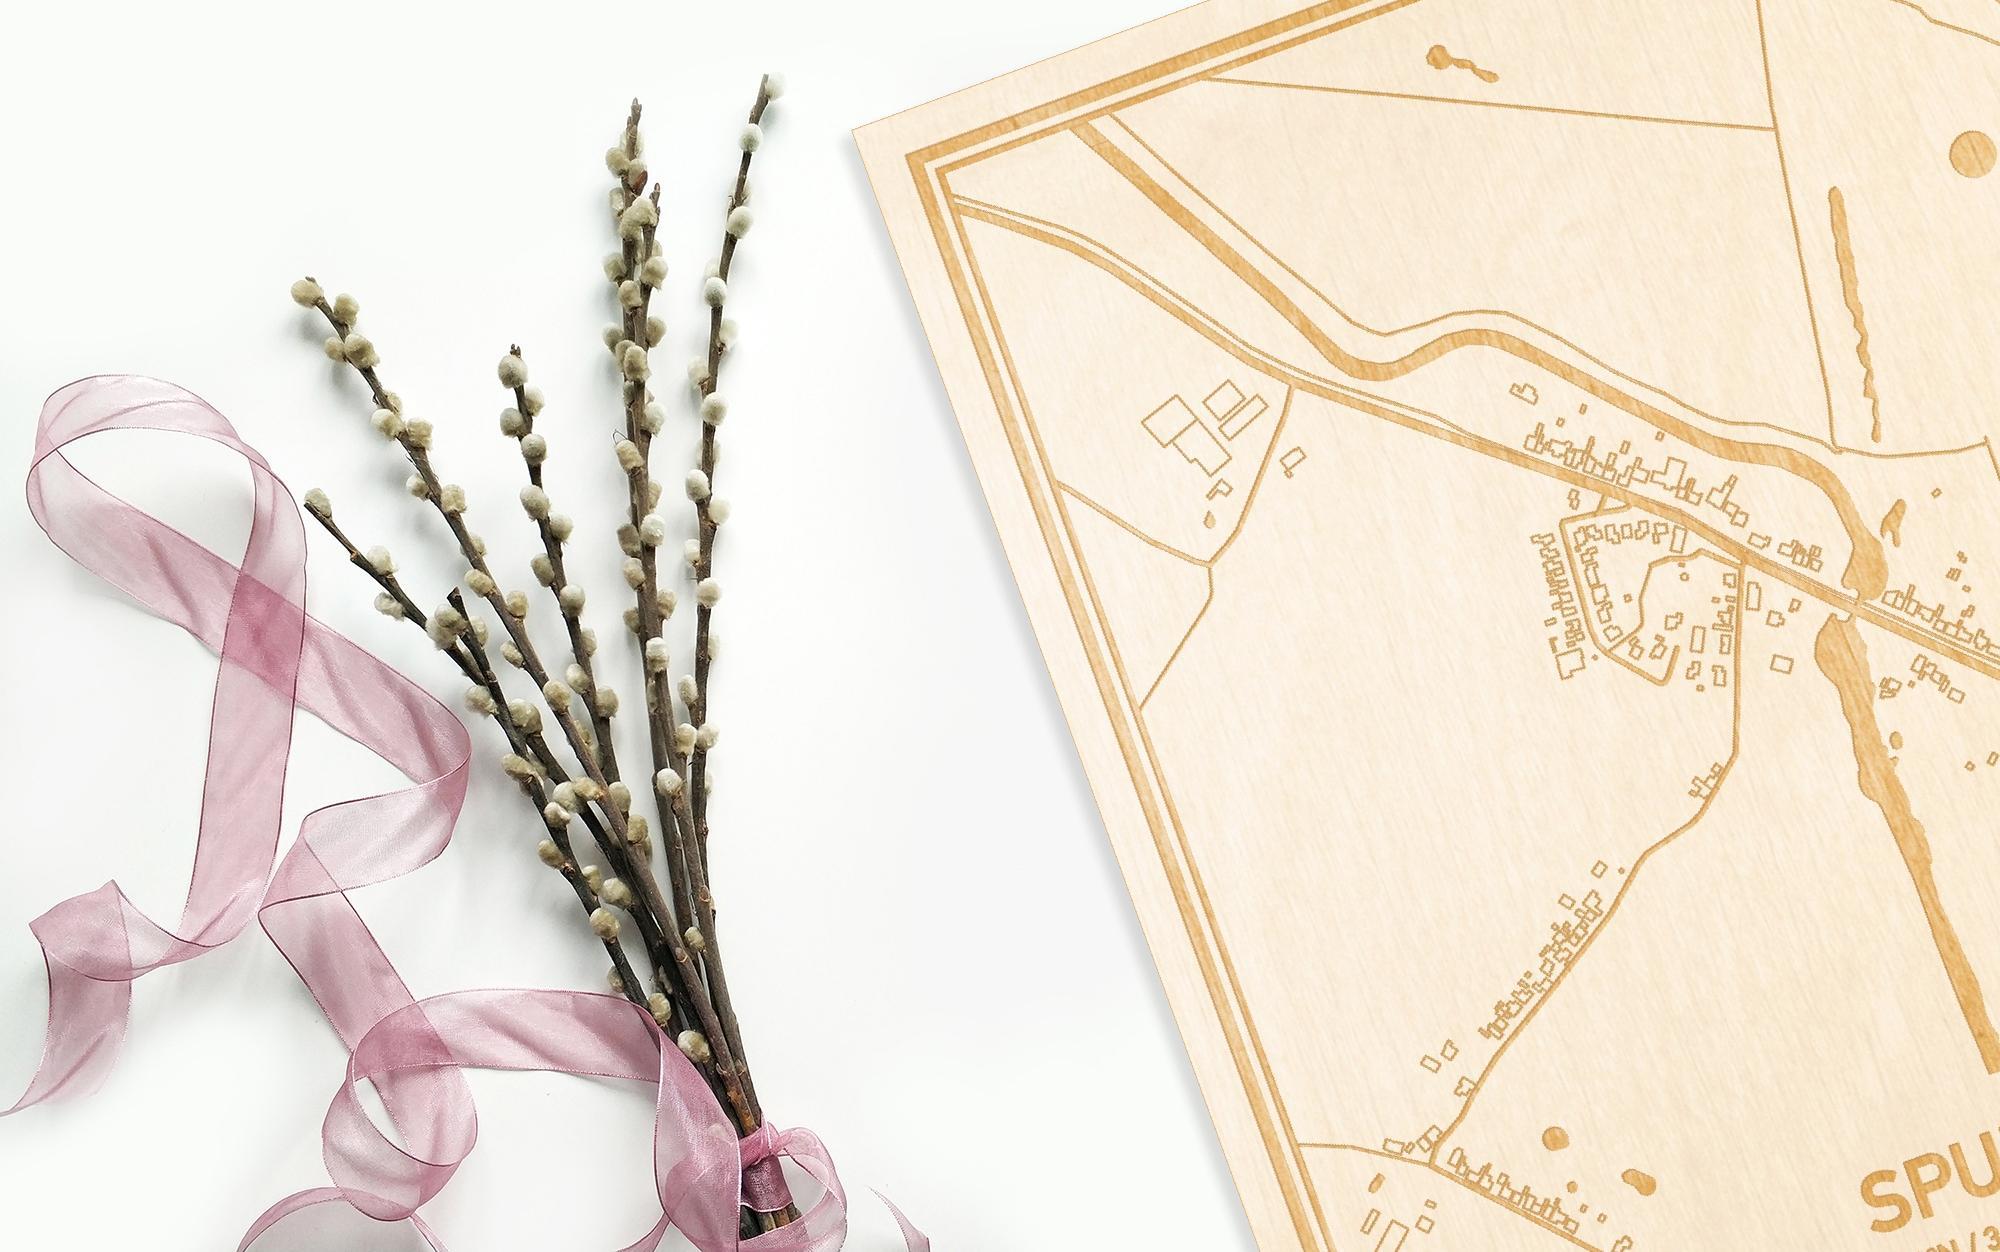 Hier ligt de houten plattegrond Spui naast een bloemetje als gepersonaliseerd cadeau voor haar.